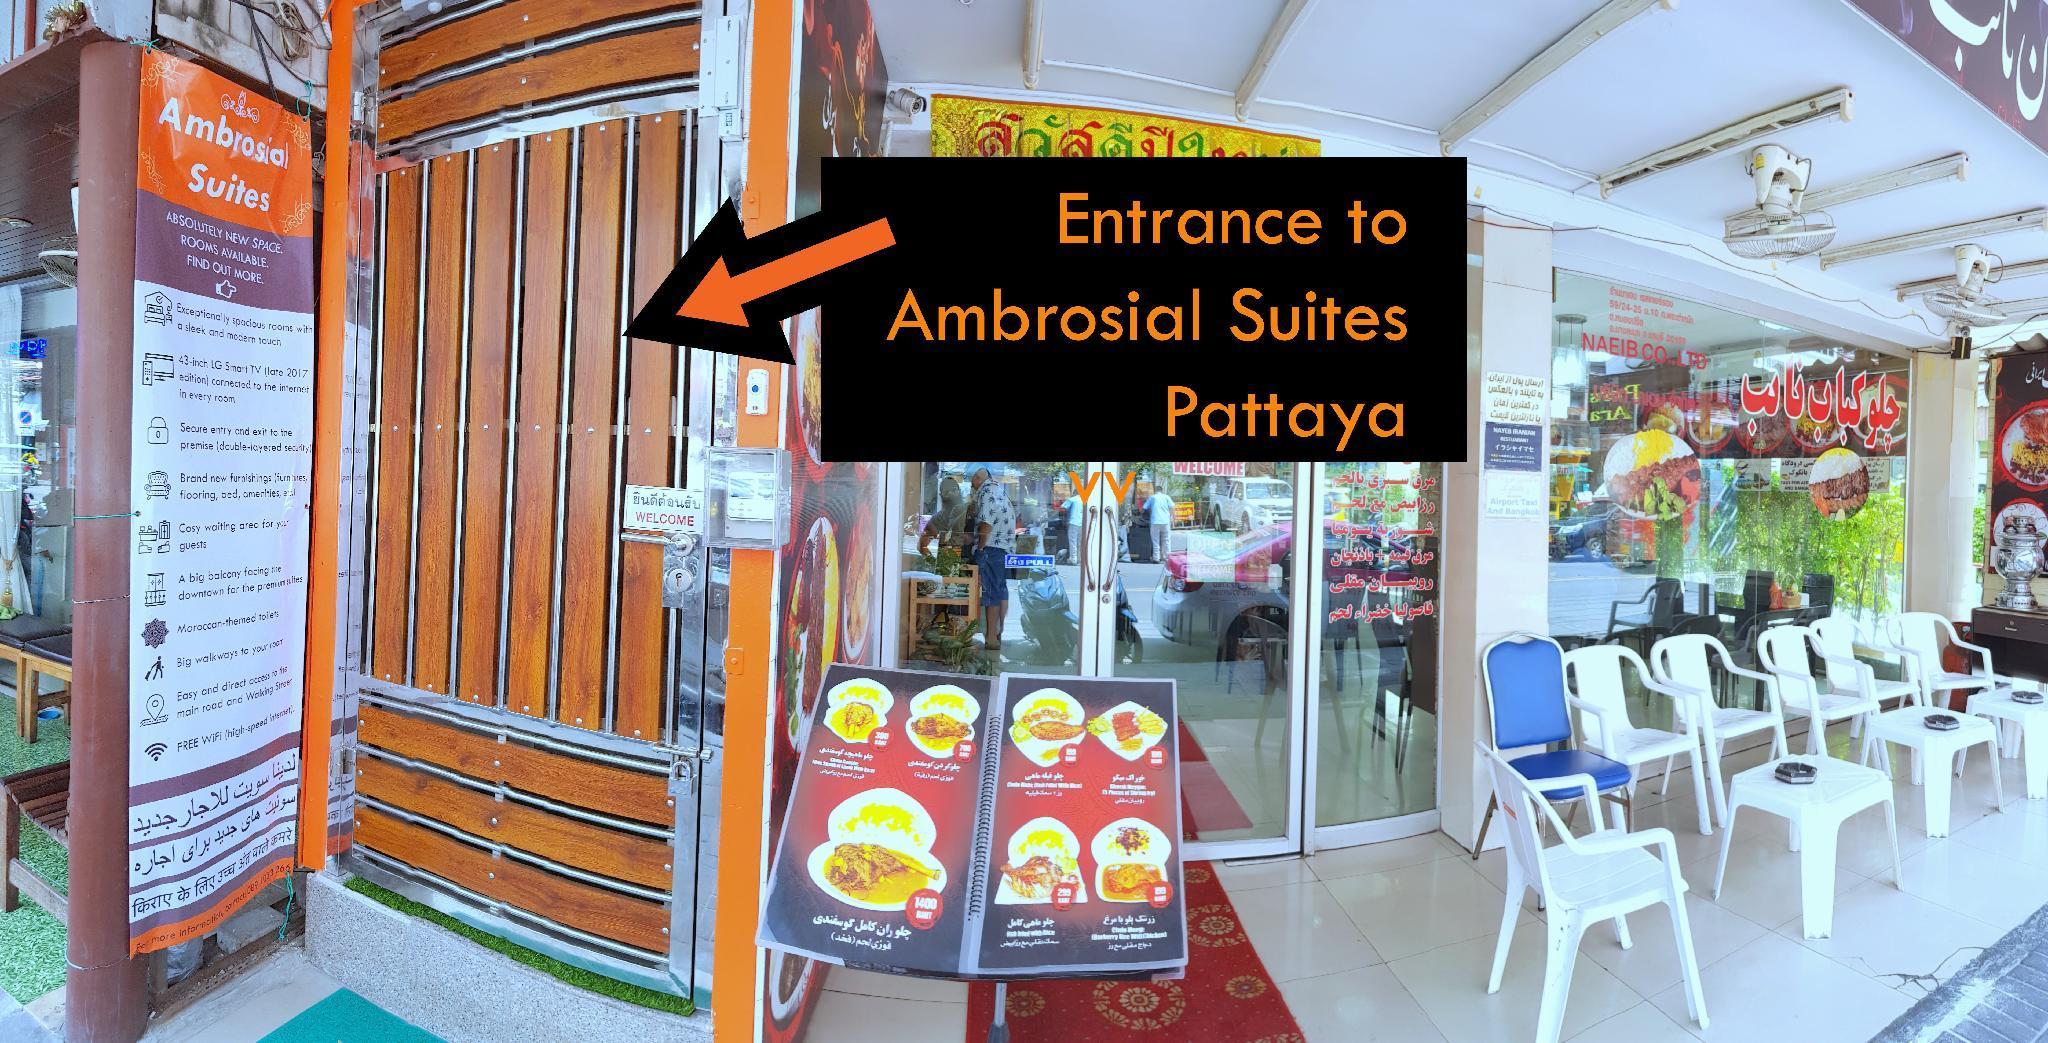 Price Ambrosial Suites